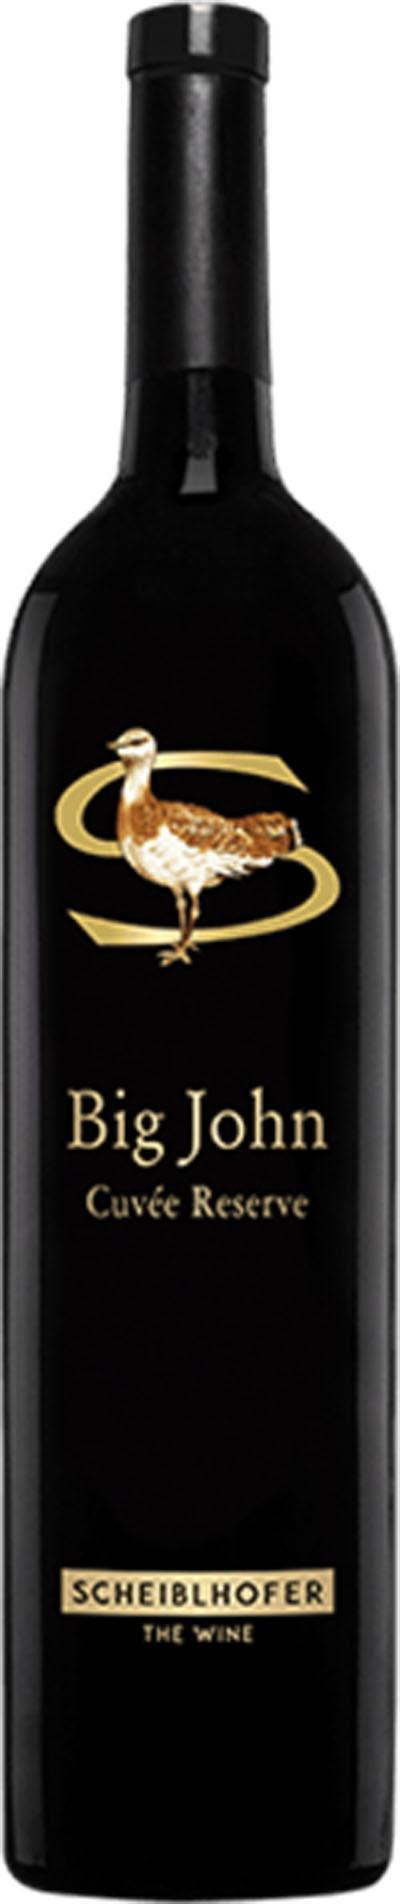 Cuvee Big John Reserve 2016 / Scheiblhofer Johann